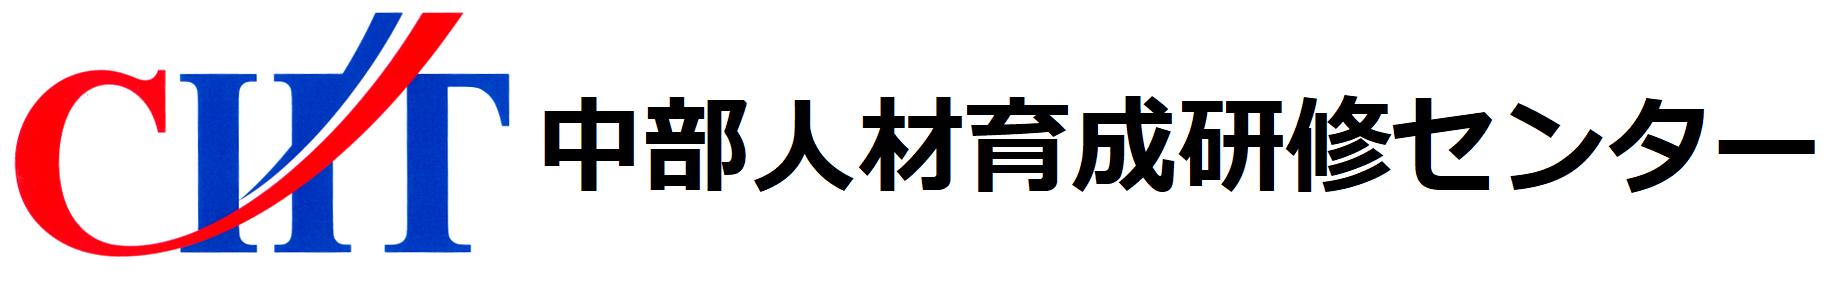 中部人材育成研修センター(CHT)